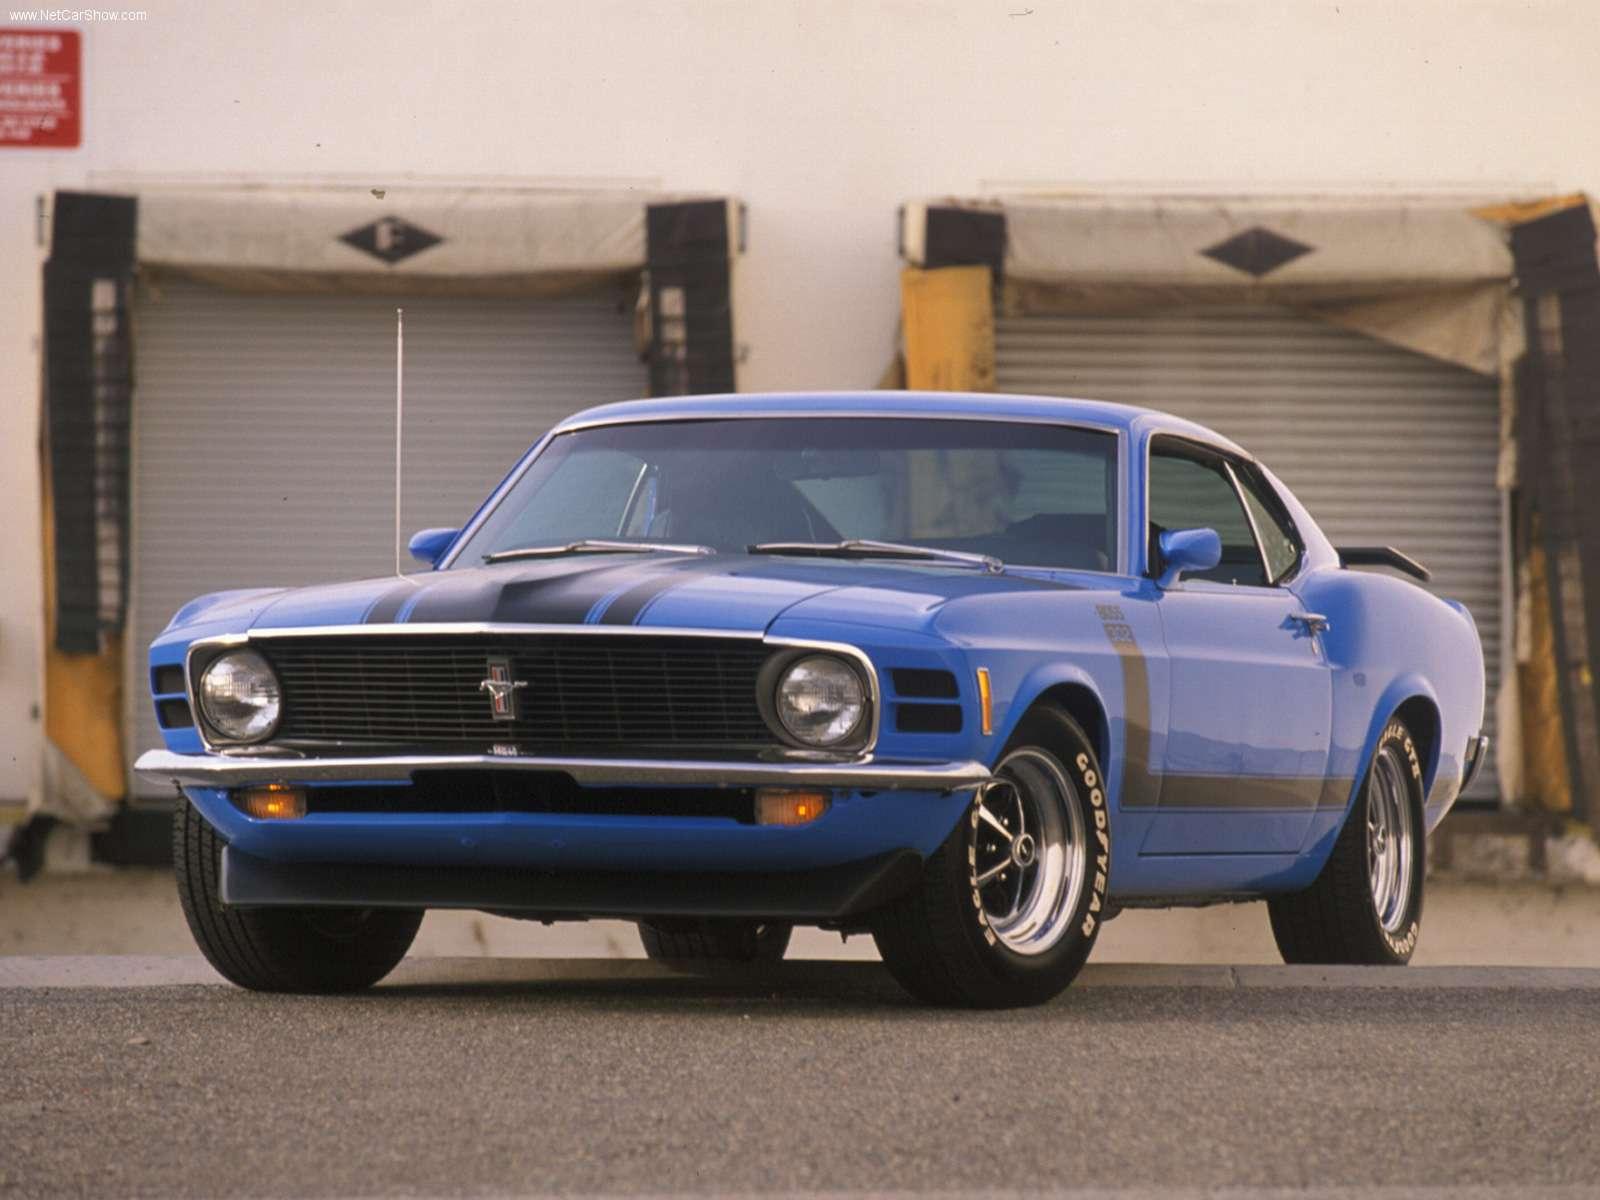 Ford Mustang Boss 302 Wallpaper WallpaperSafari